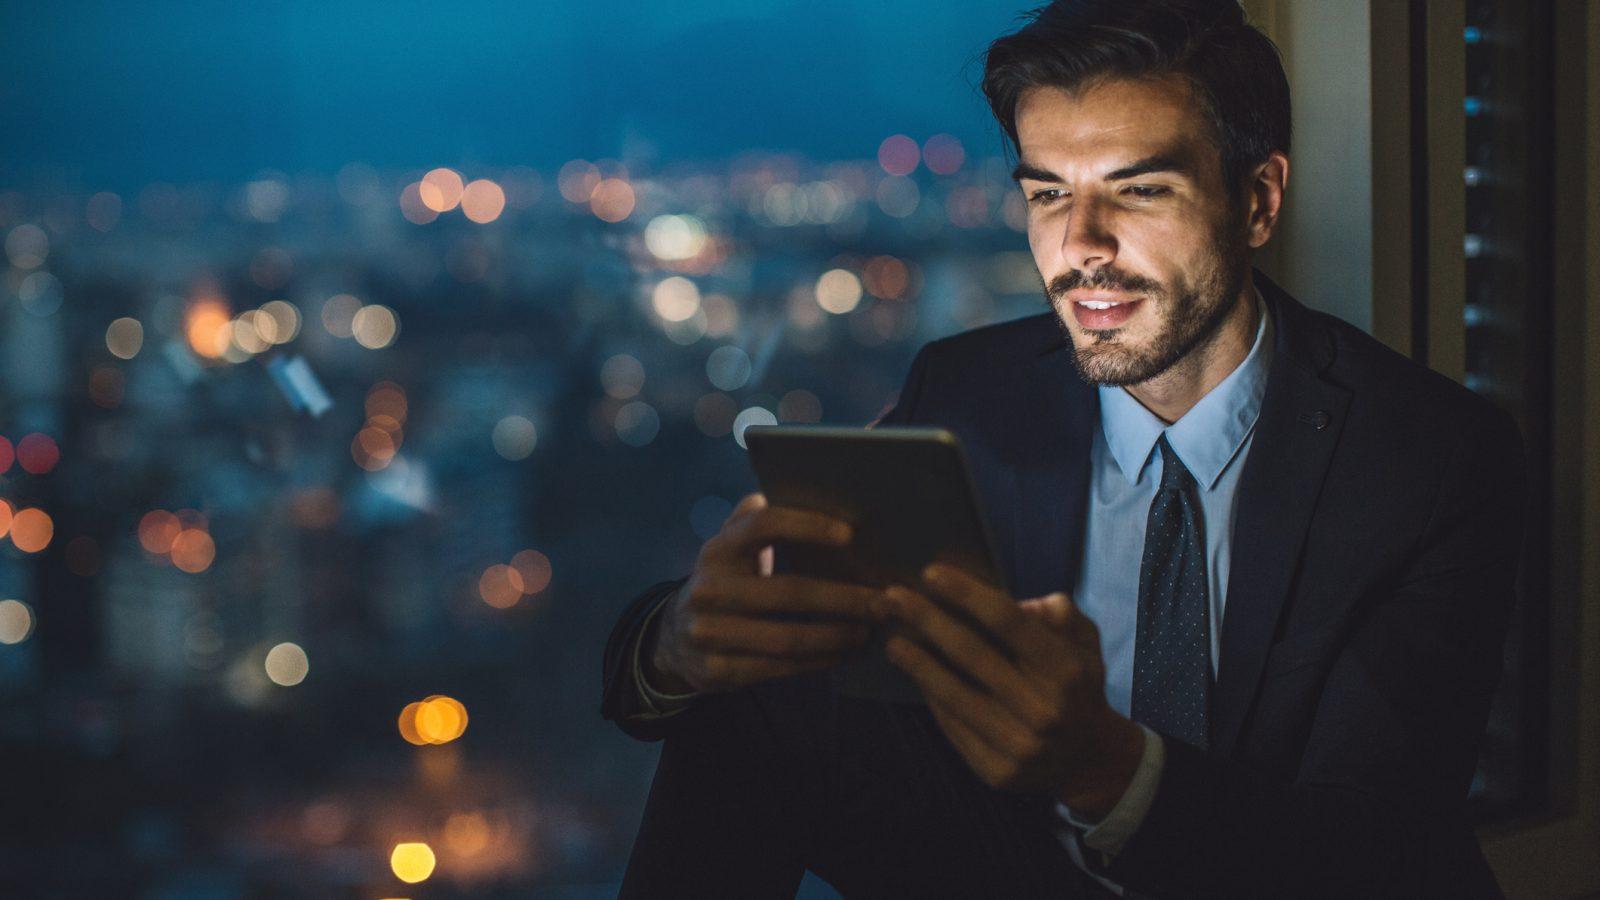 Mann liest Informationen von Tablet